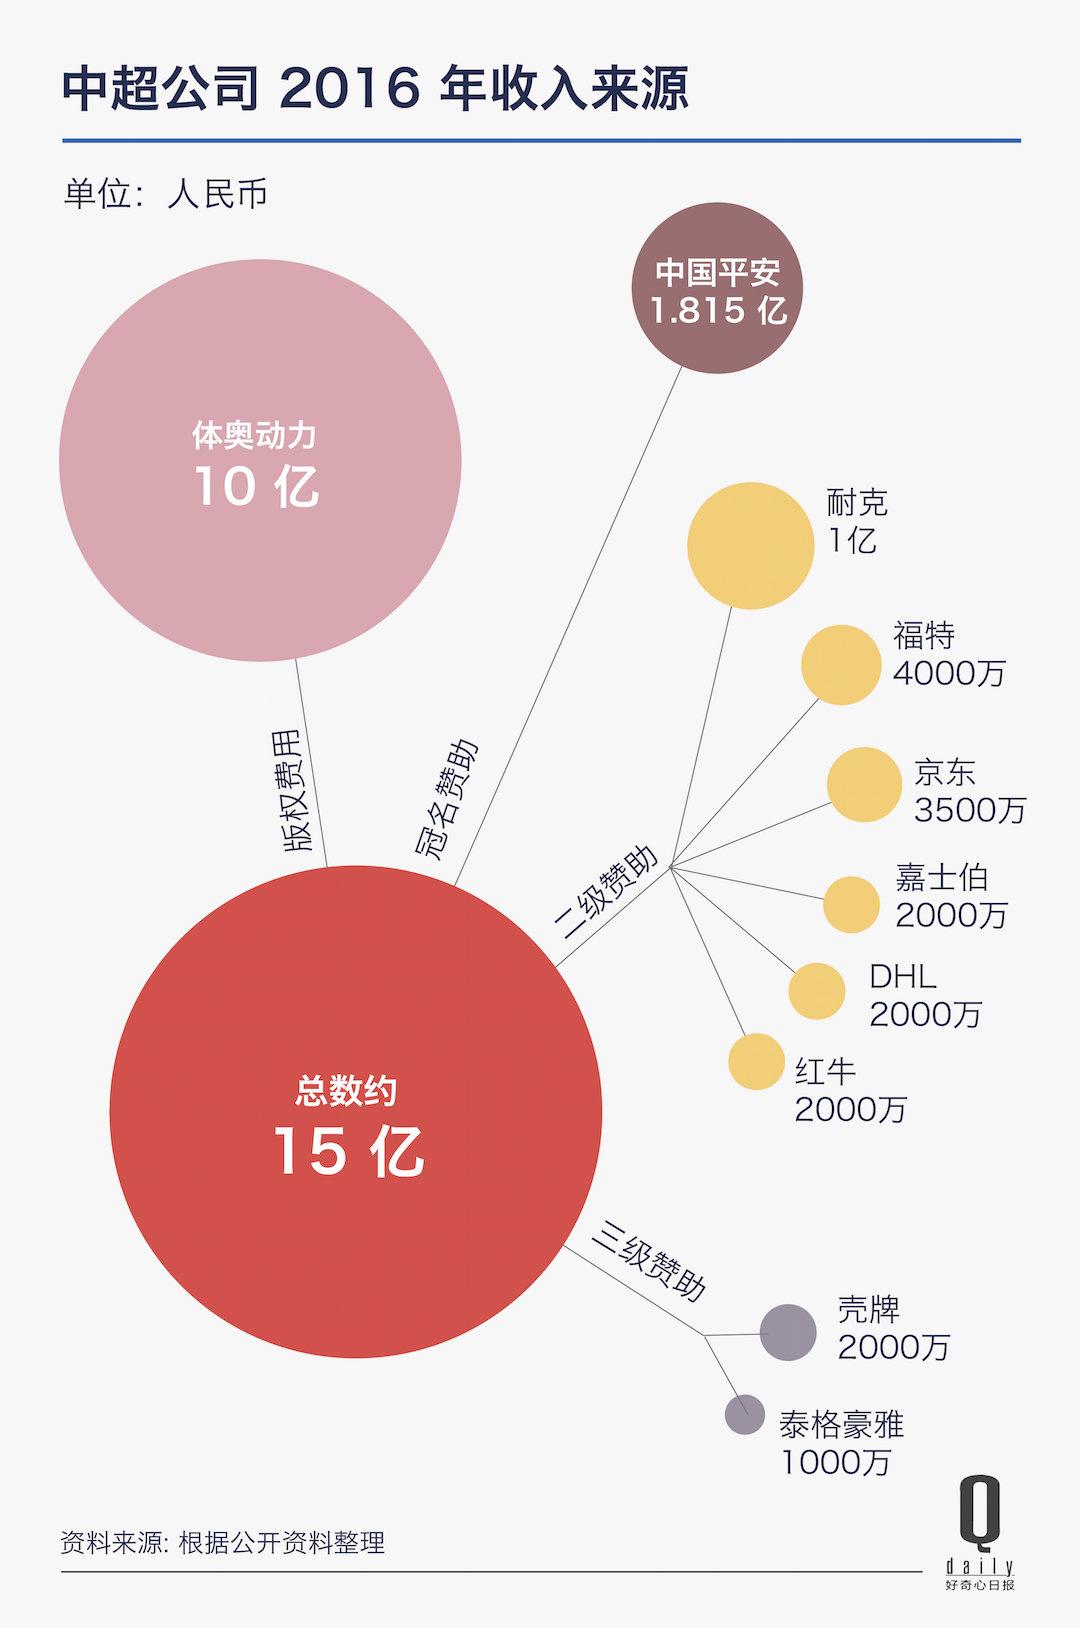 中超公司 14 亿分红创纪录,这在足球联赛是什么水平 | 好奇心小数据_娱乐_好奇心日报